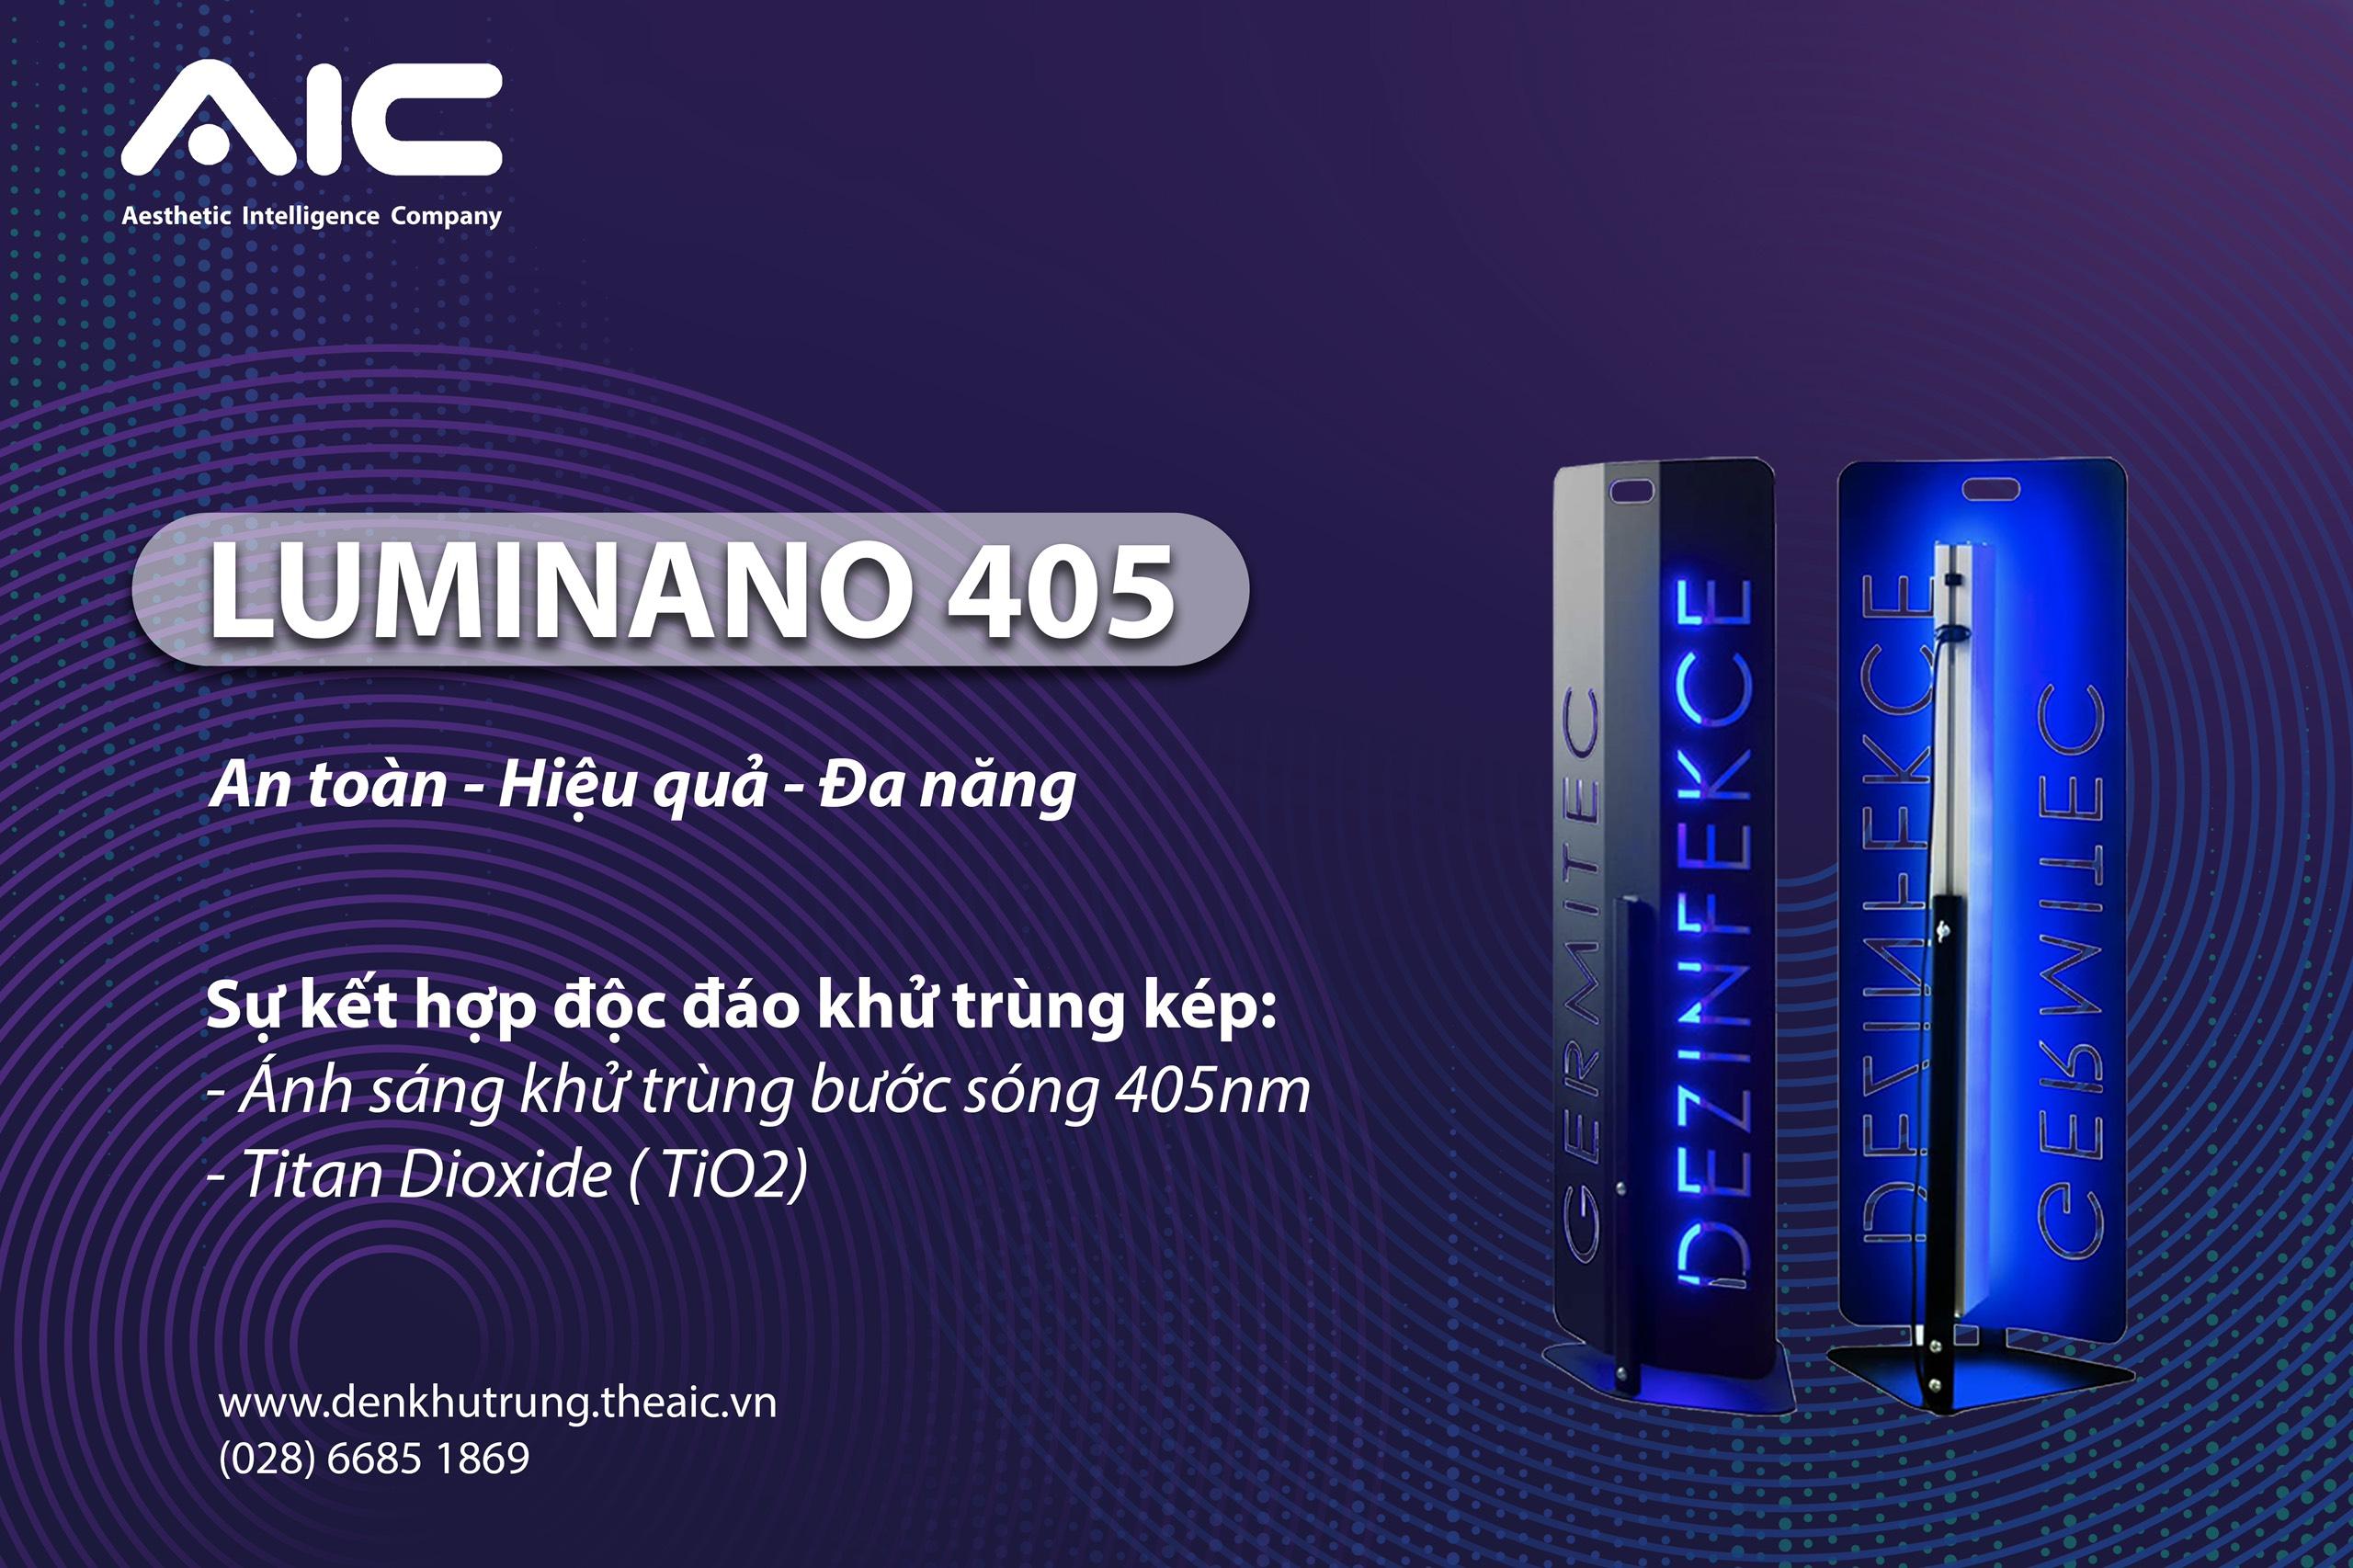 đèn khử trùng luminano 405